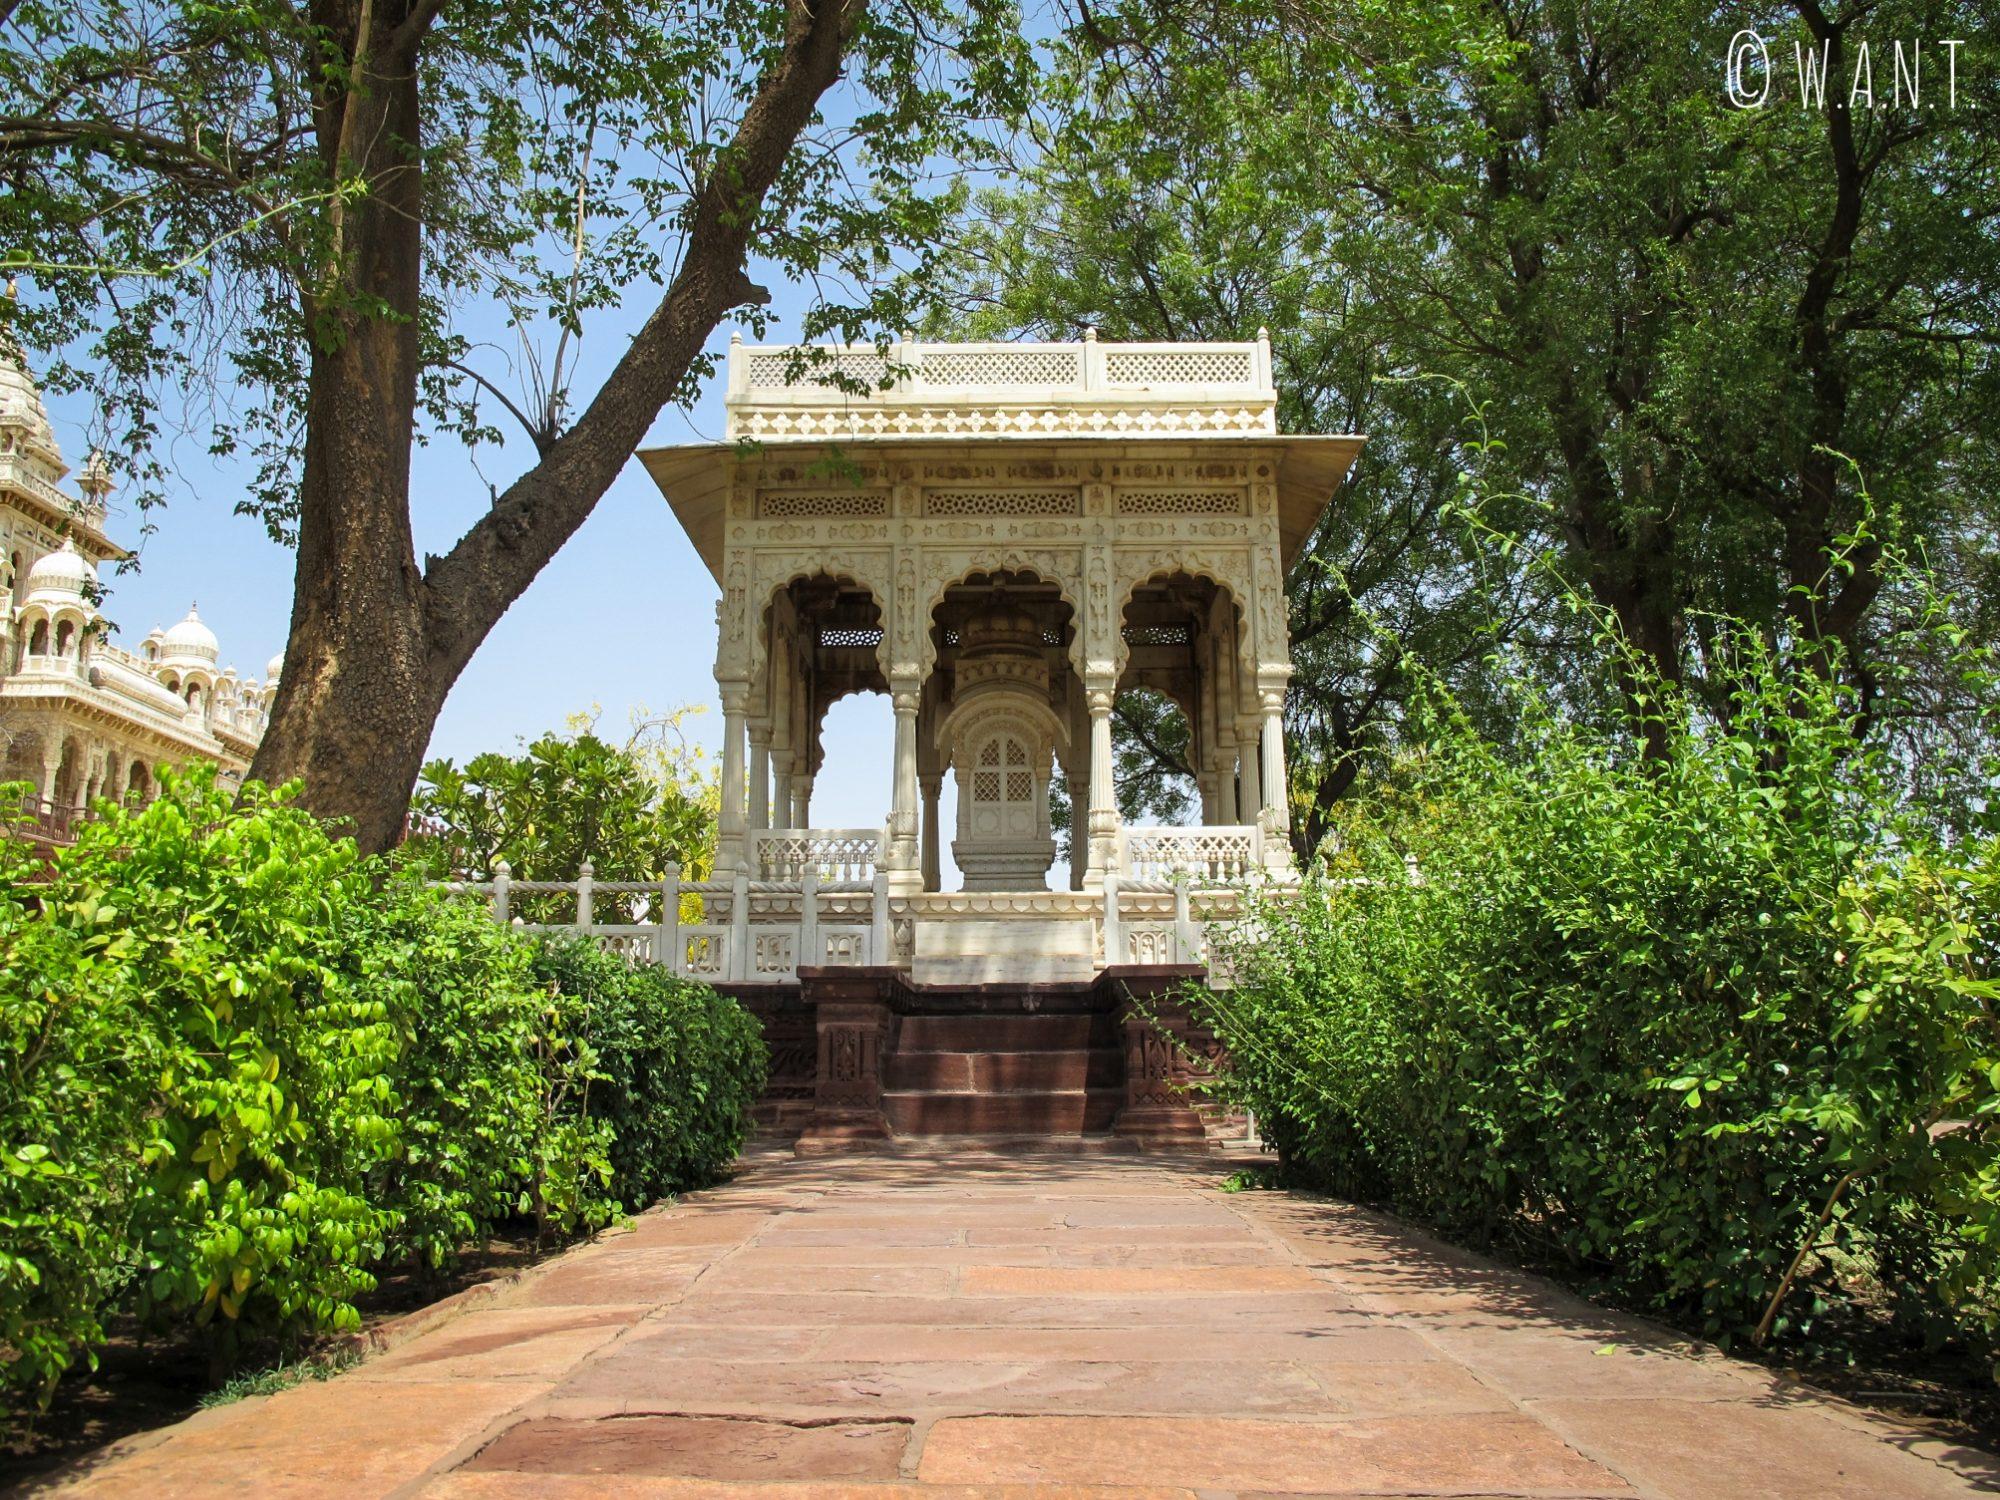 L'architecture des annexes de Jaswant Thada se marie bien avec l'environnement verdoyant